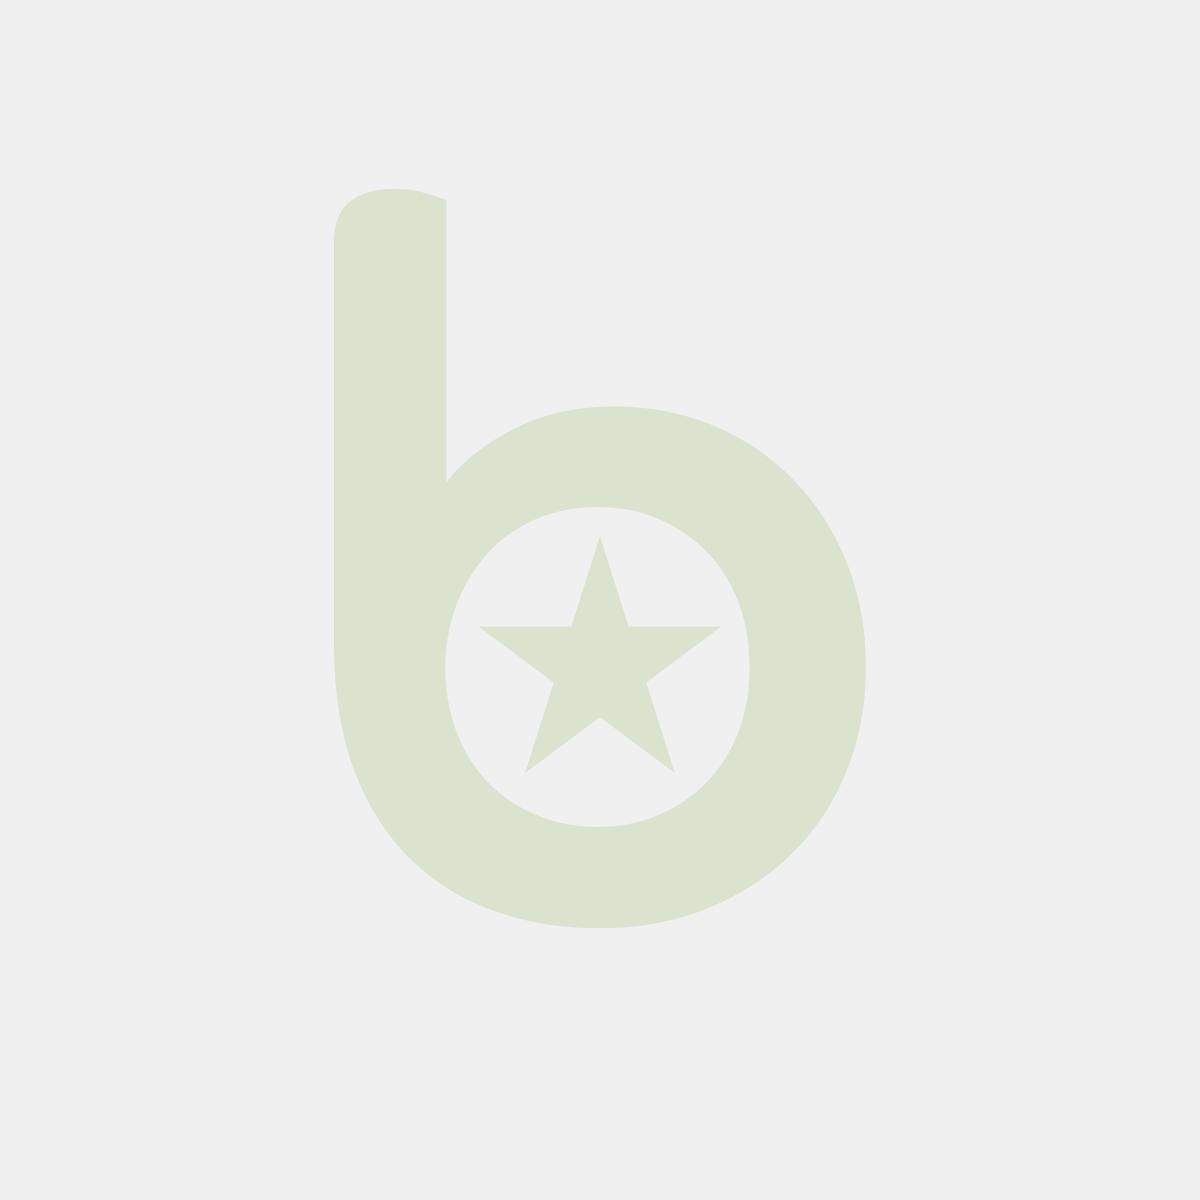 Notatnik SIGEL Conceptum® okładka filc, A6, gładki, szary